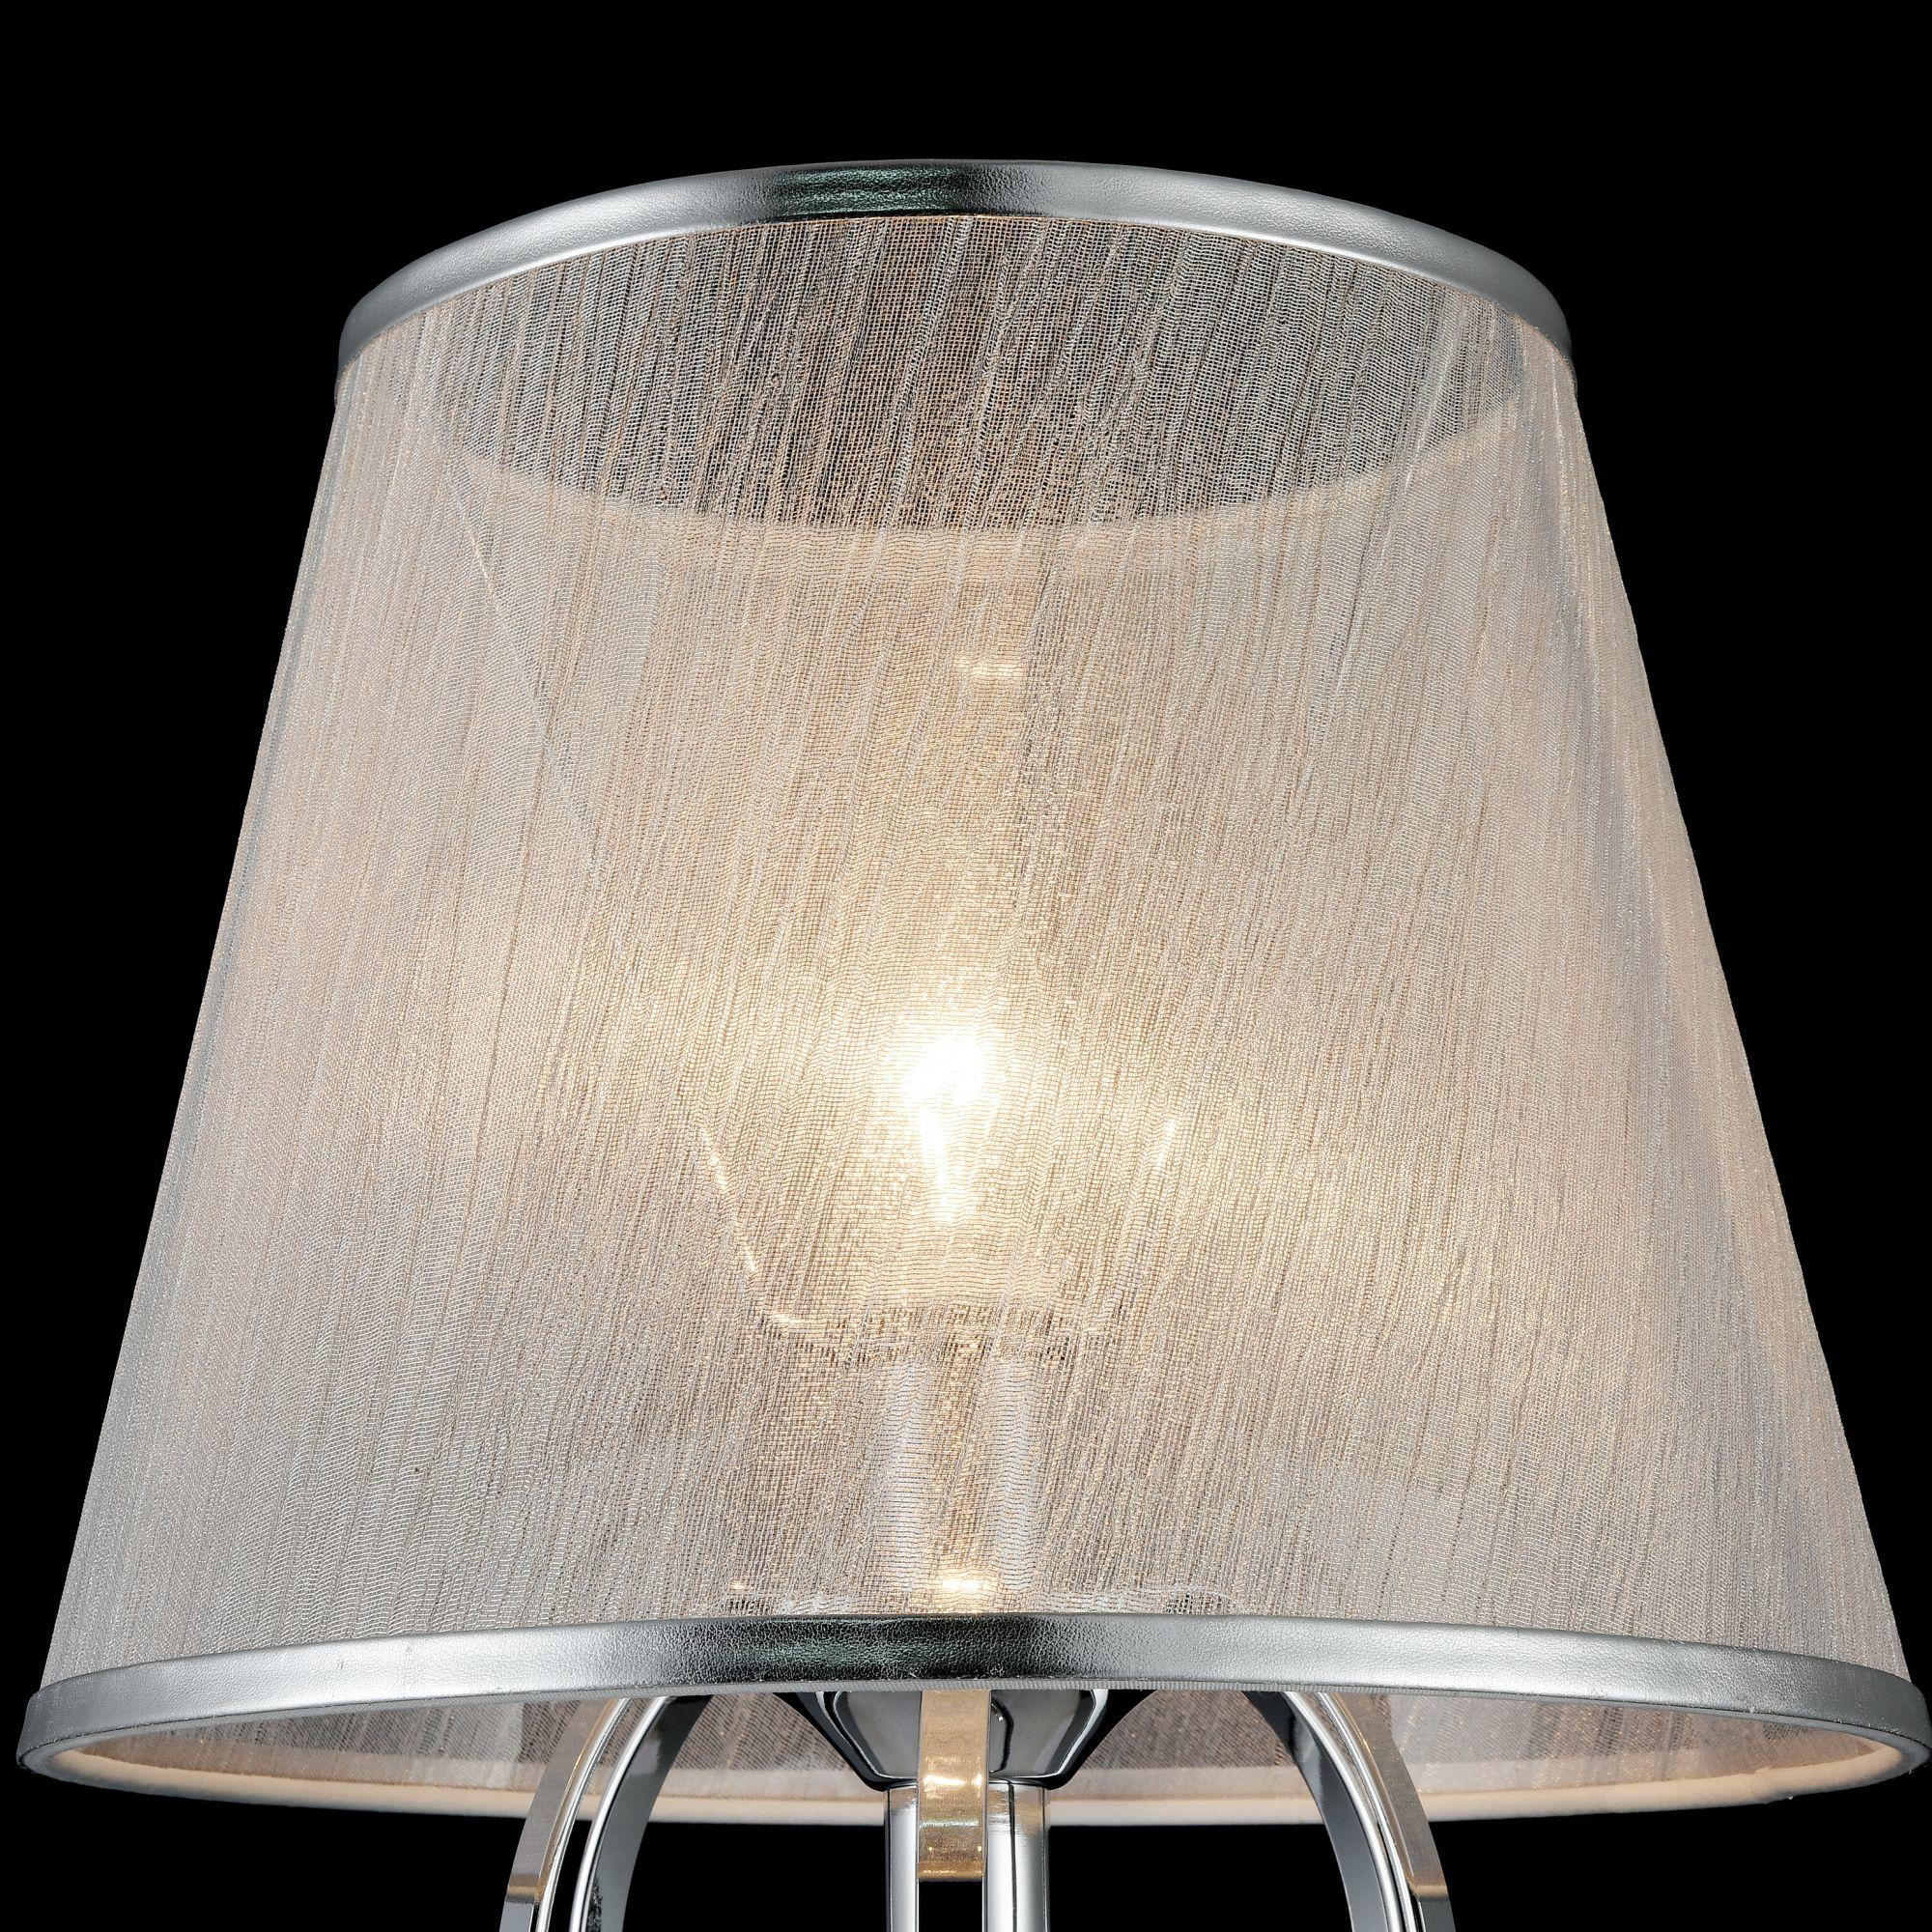 Настольная лампа Freya Simone FR2020-TL-01-CH, 1xE14x40W, хром, серебро, прозрачный, металл, текстиль, хрусталь - фото 8